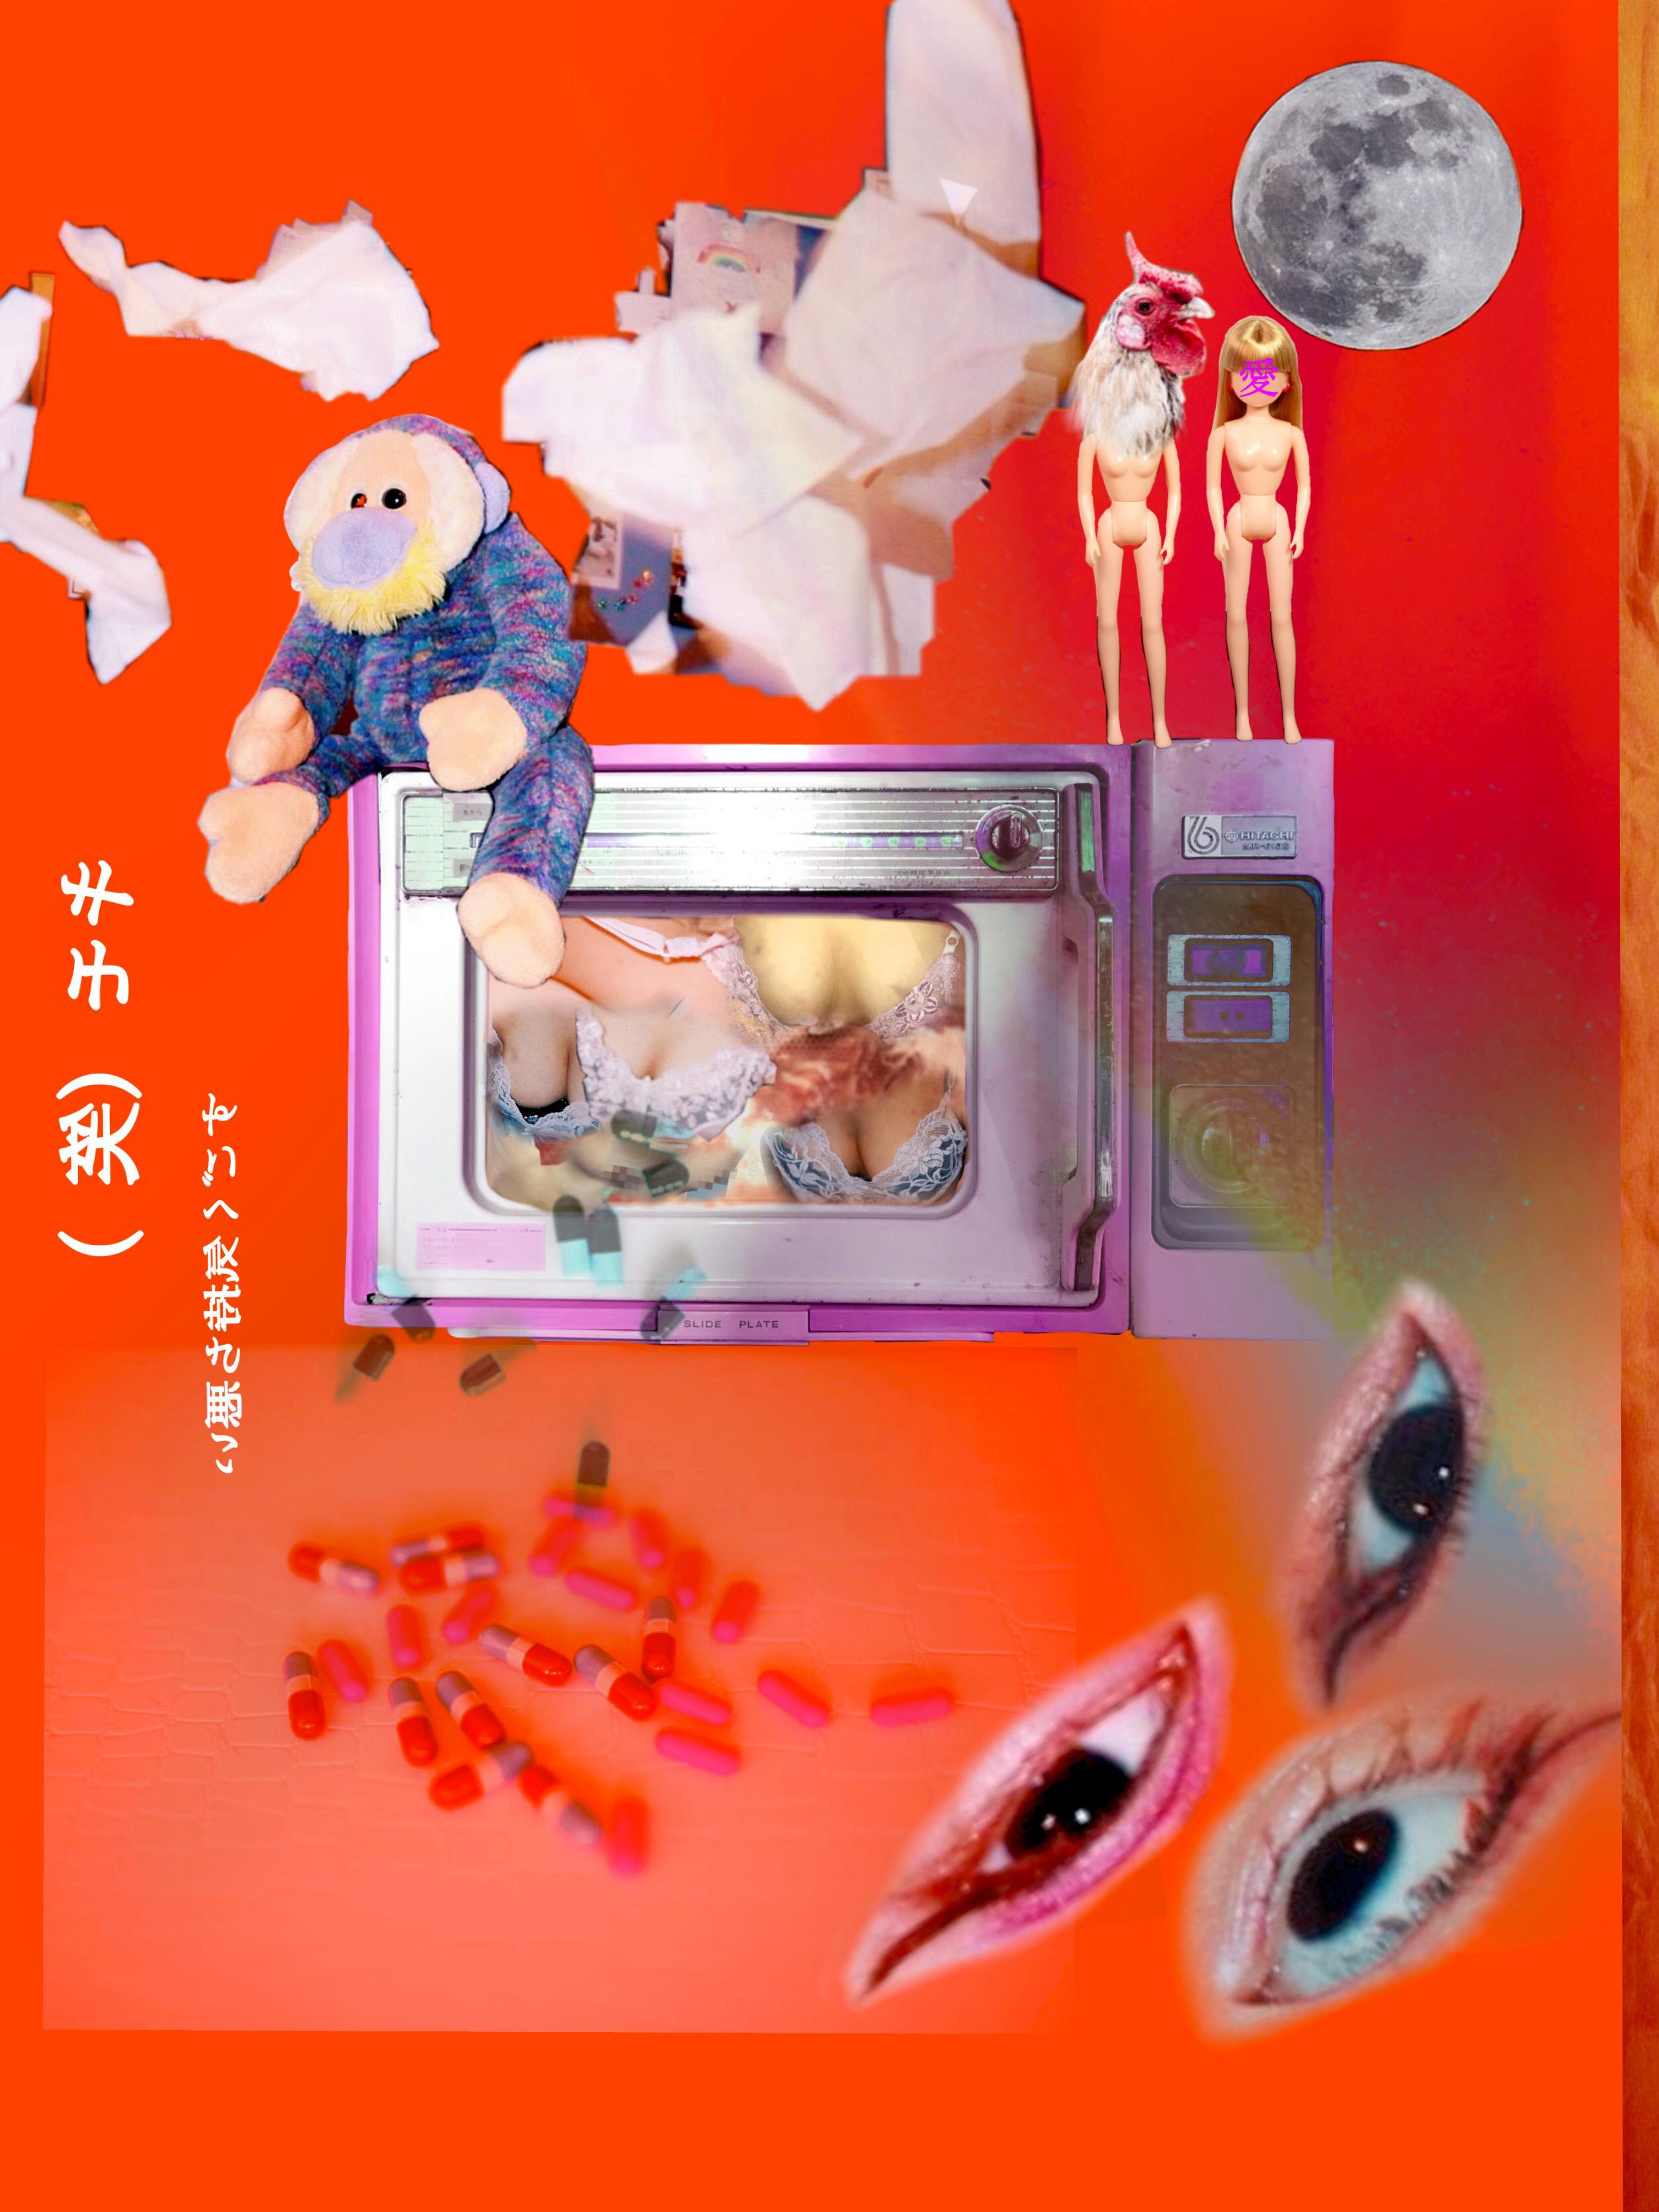 ながとさき | Saki Nagato